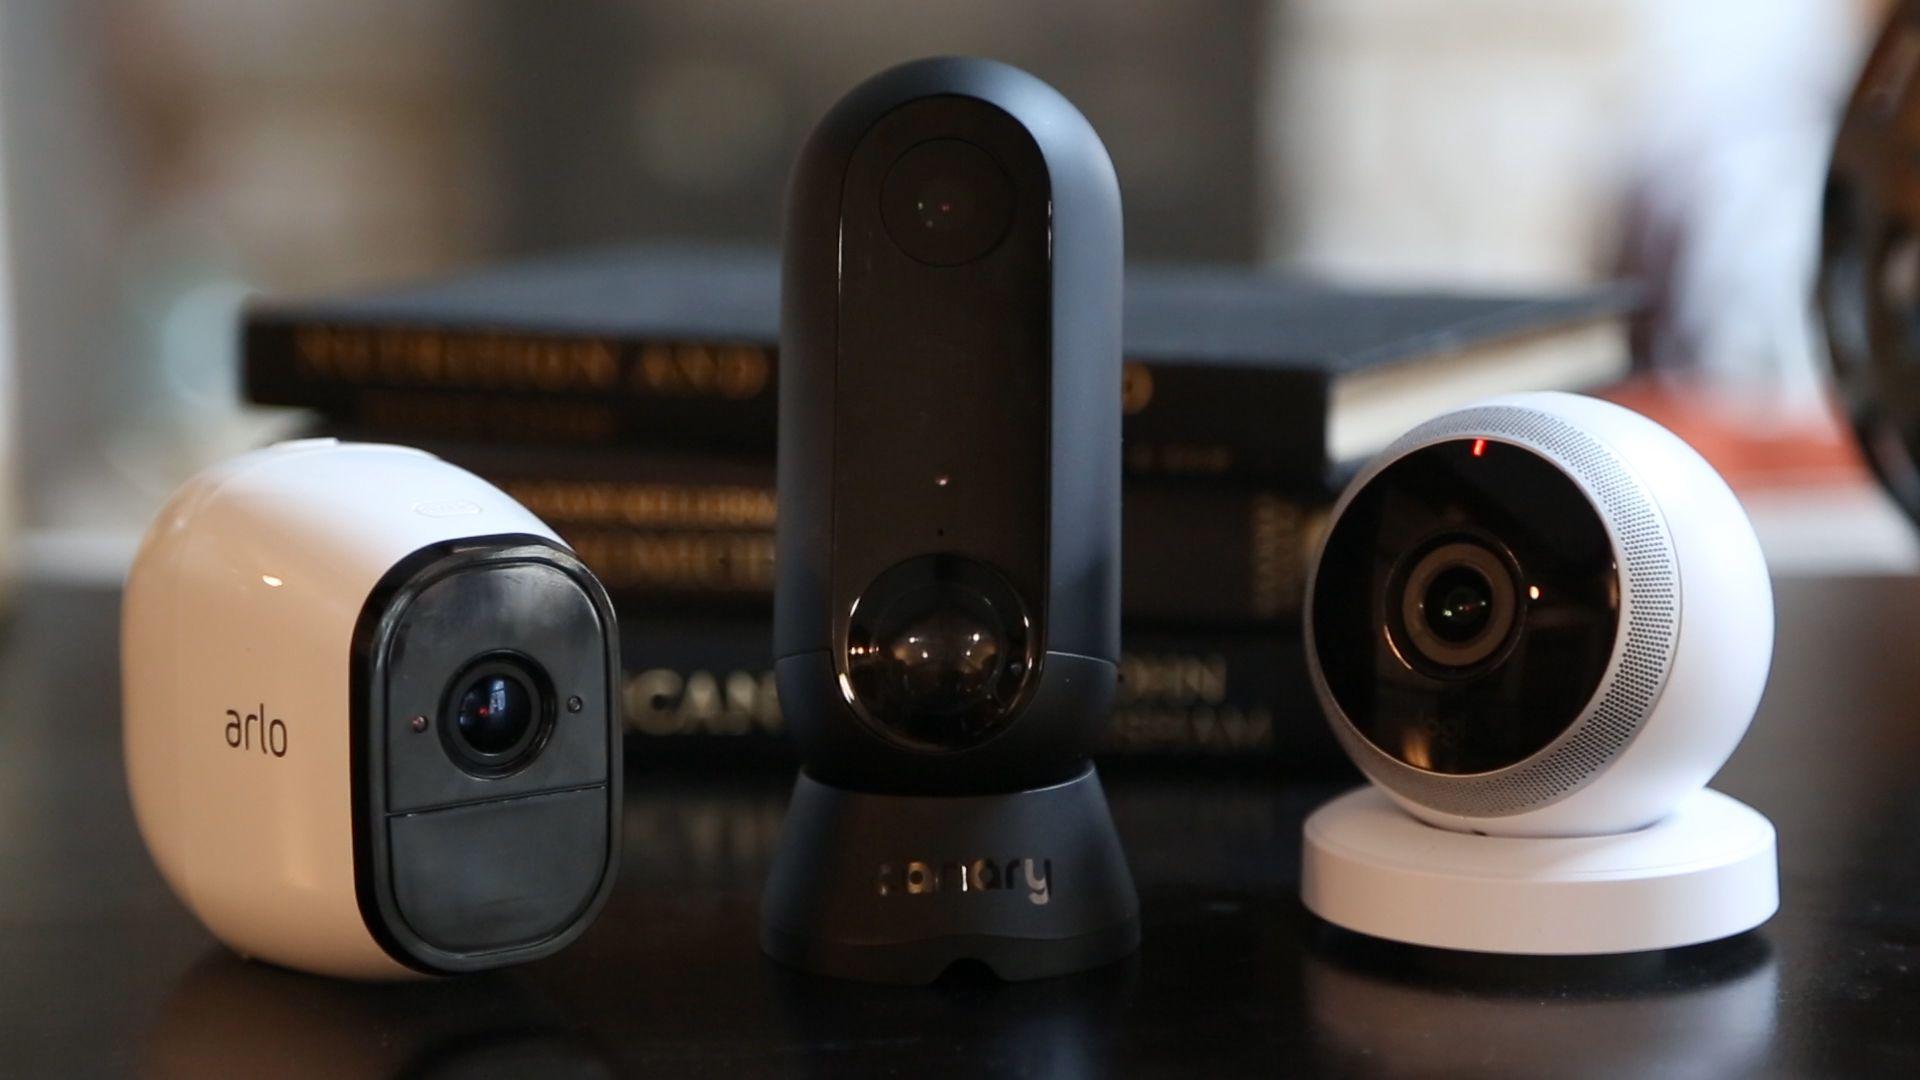 آموزش نصب دوربین IP چگونه است؟ | دوربین مدار بسته در قزوین